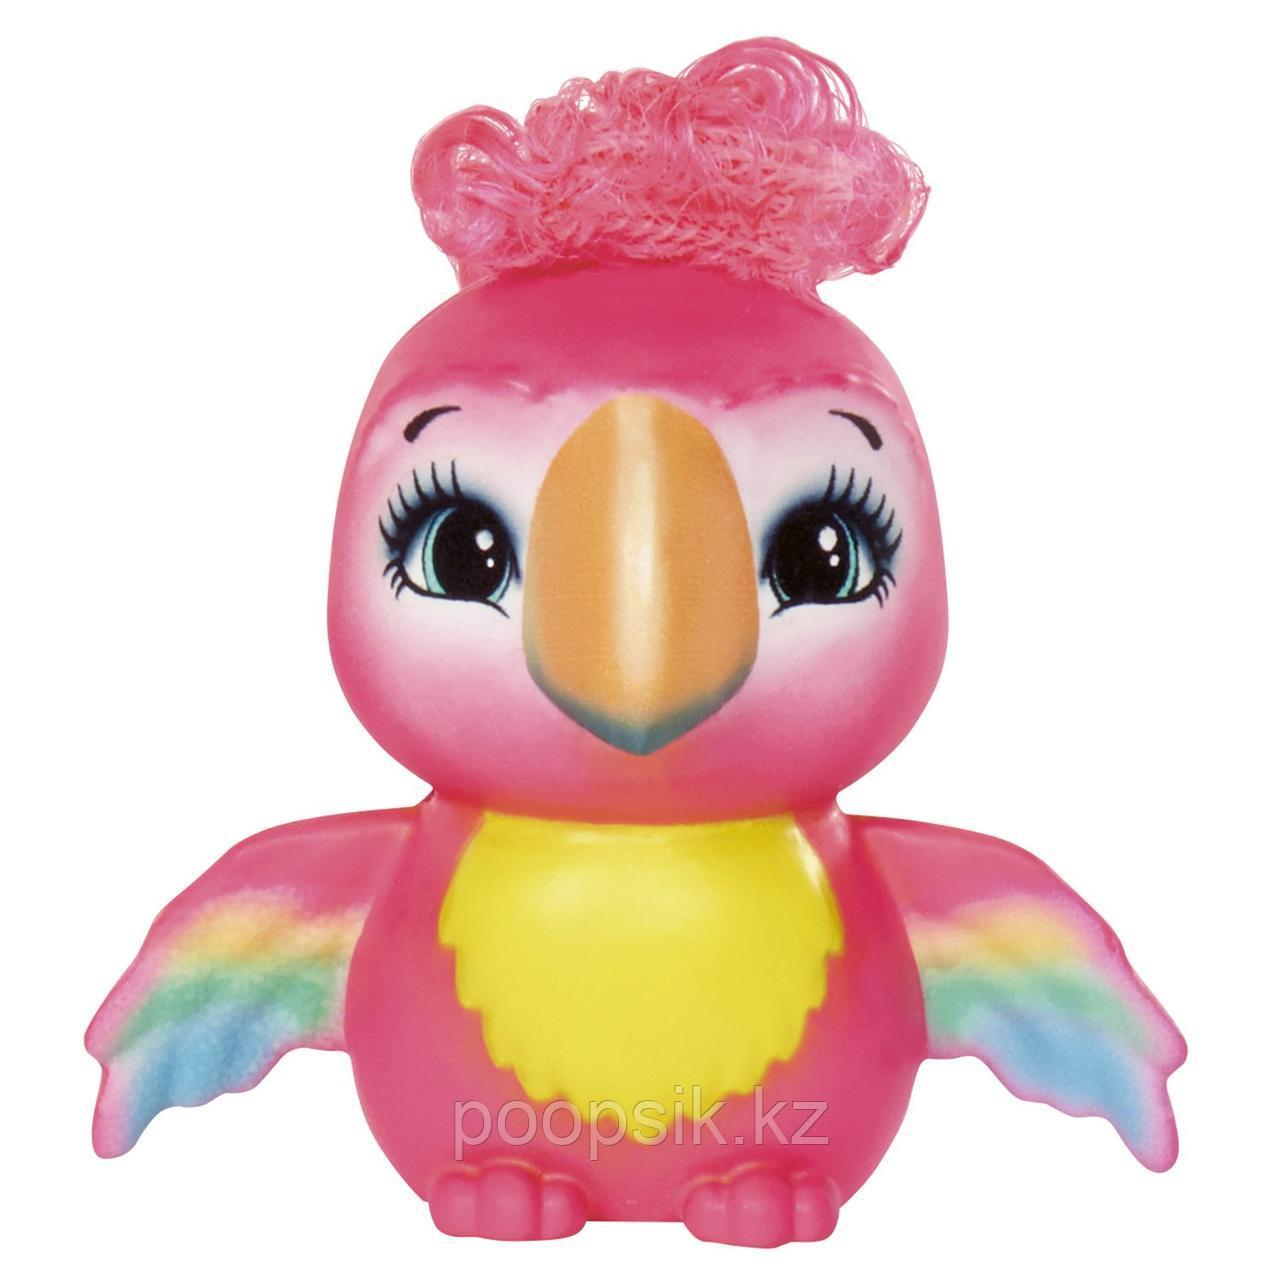 Enchantimals Пикки Какаду с питомцем 15 см, Mattel FJJ21 - фото 4